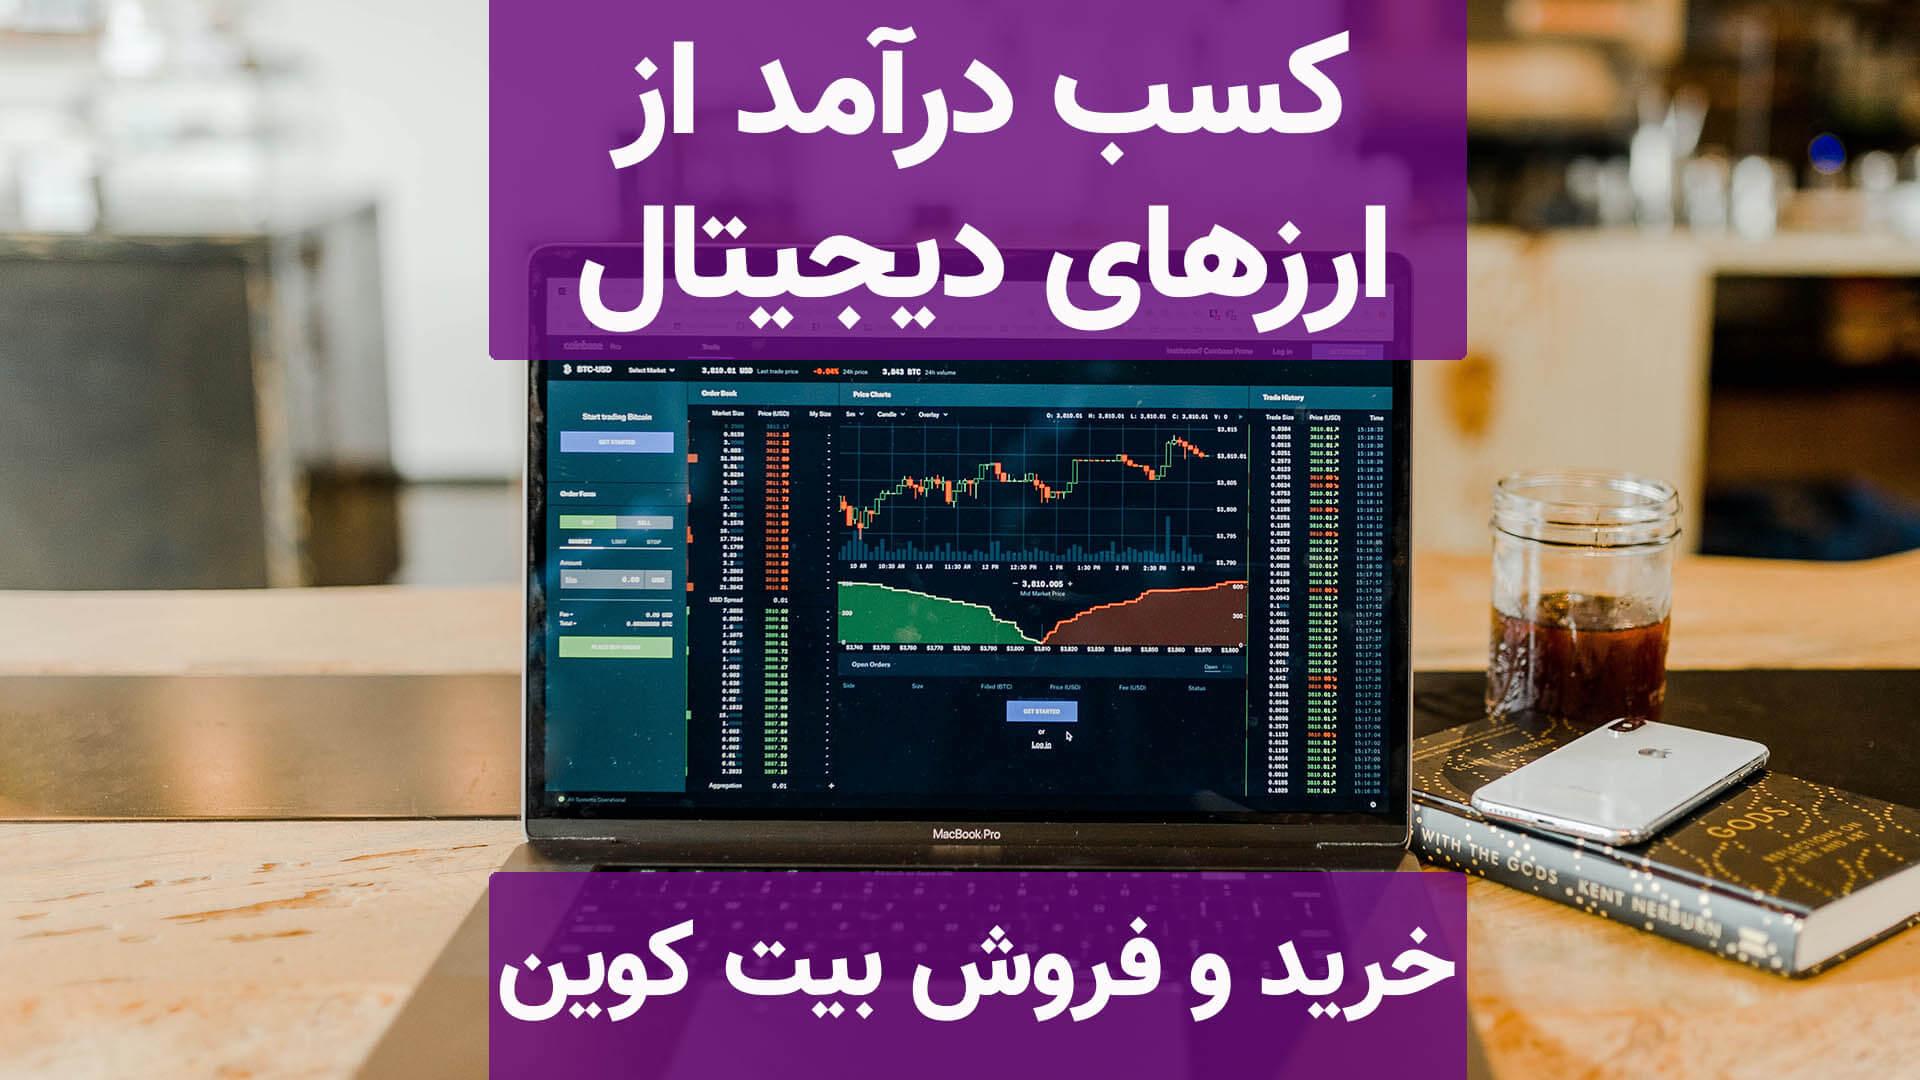 ویدئو خرید و فروش بیت کوین در ایران